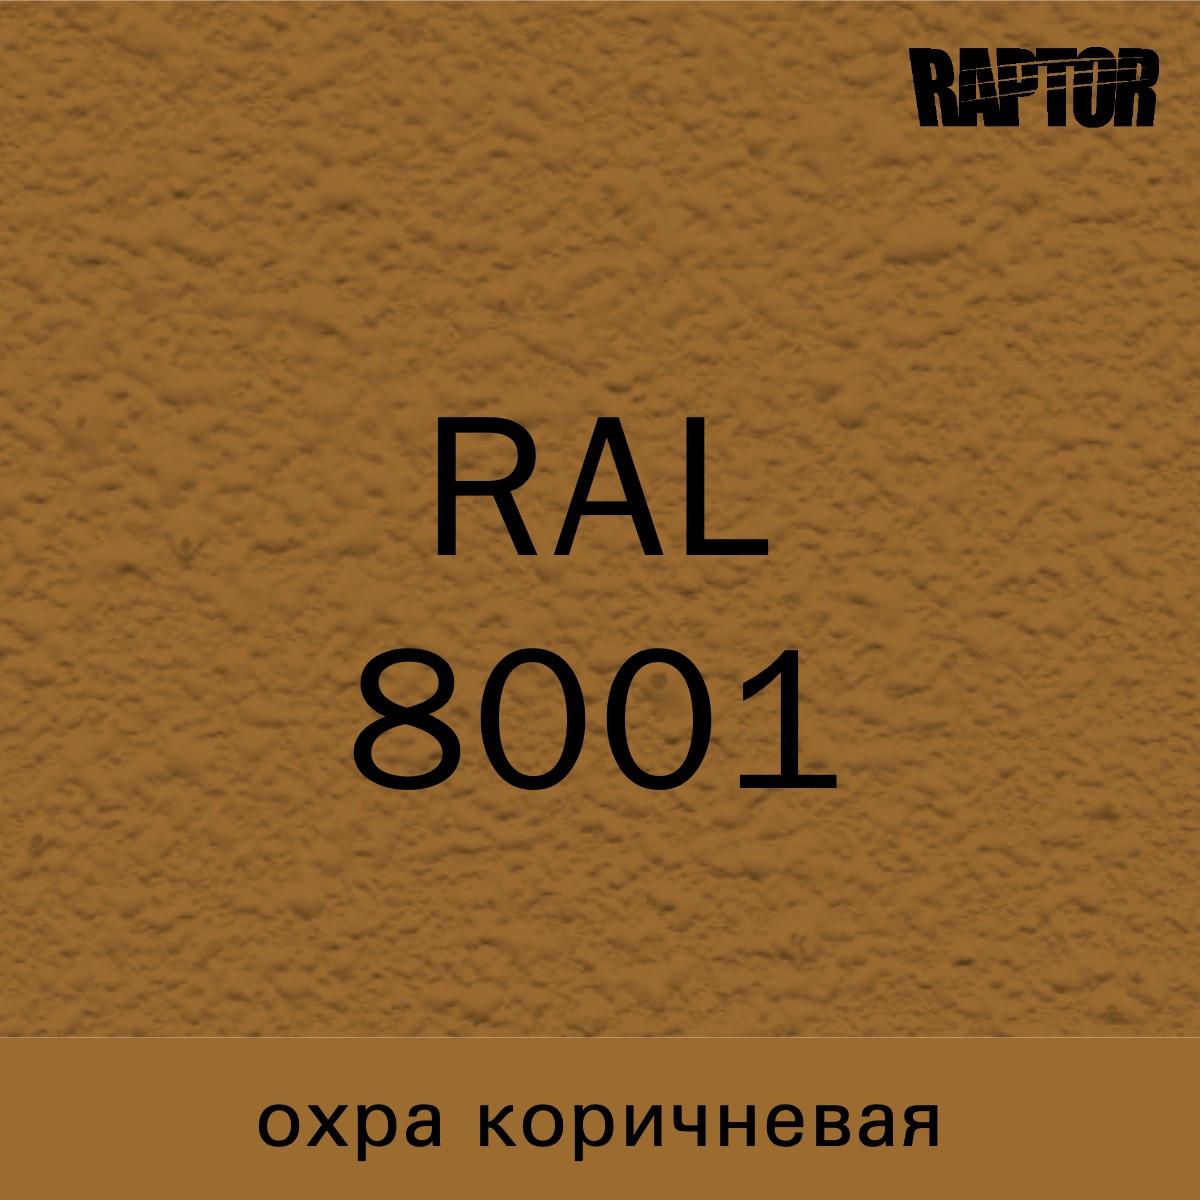 Пигмент для колеровки покрытия RAPTOR™ Охра коричневая (RAL 8001)